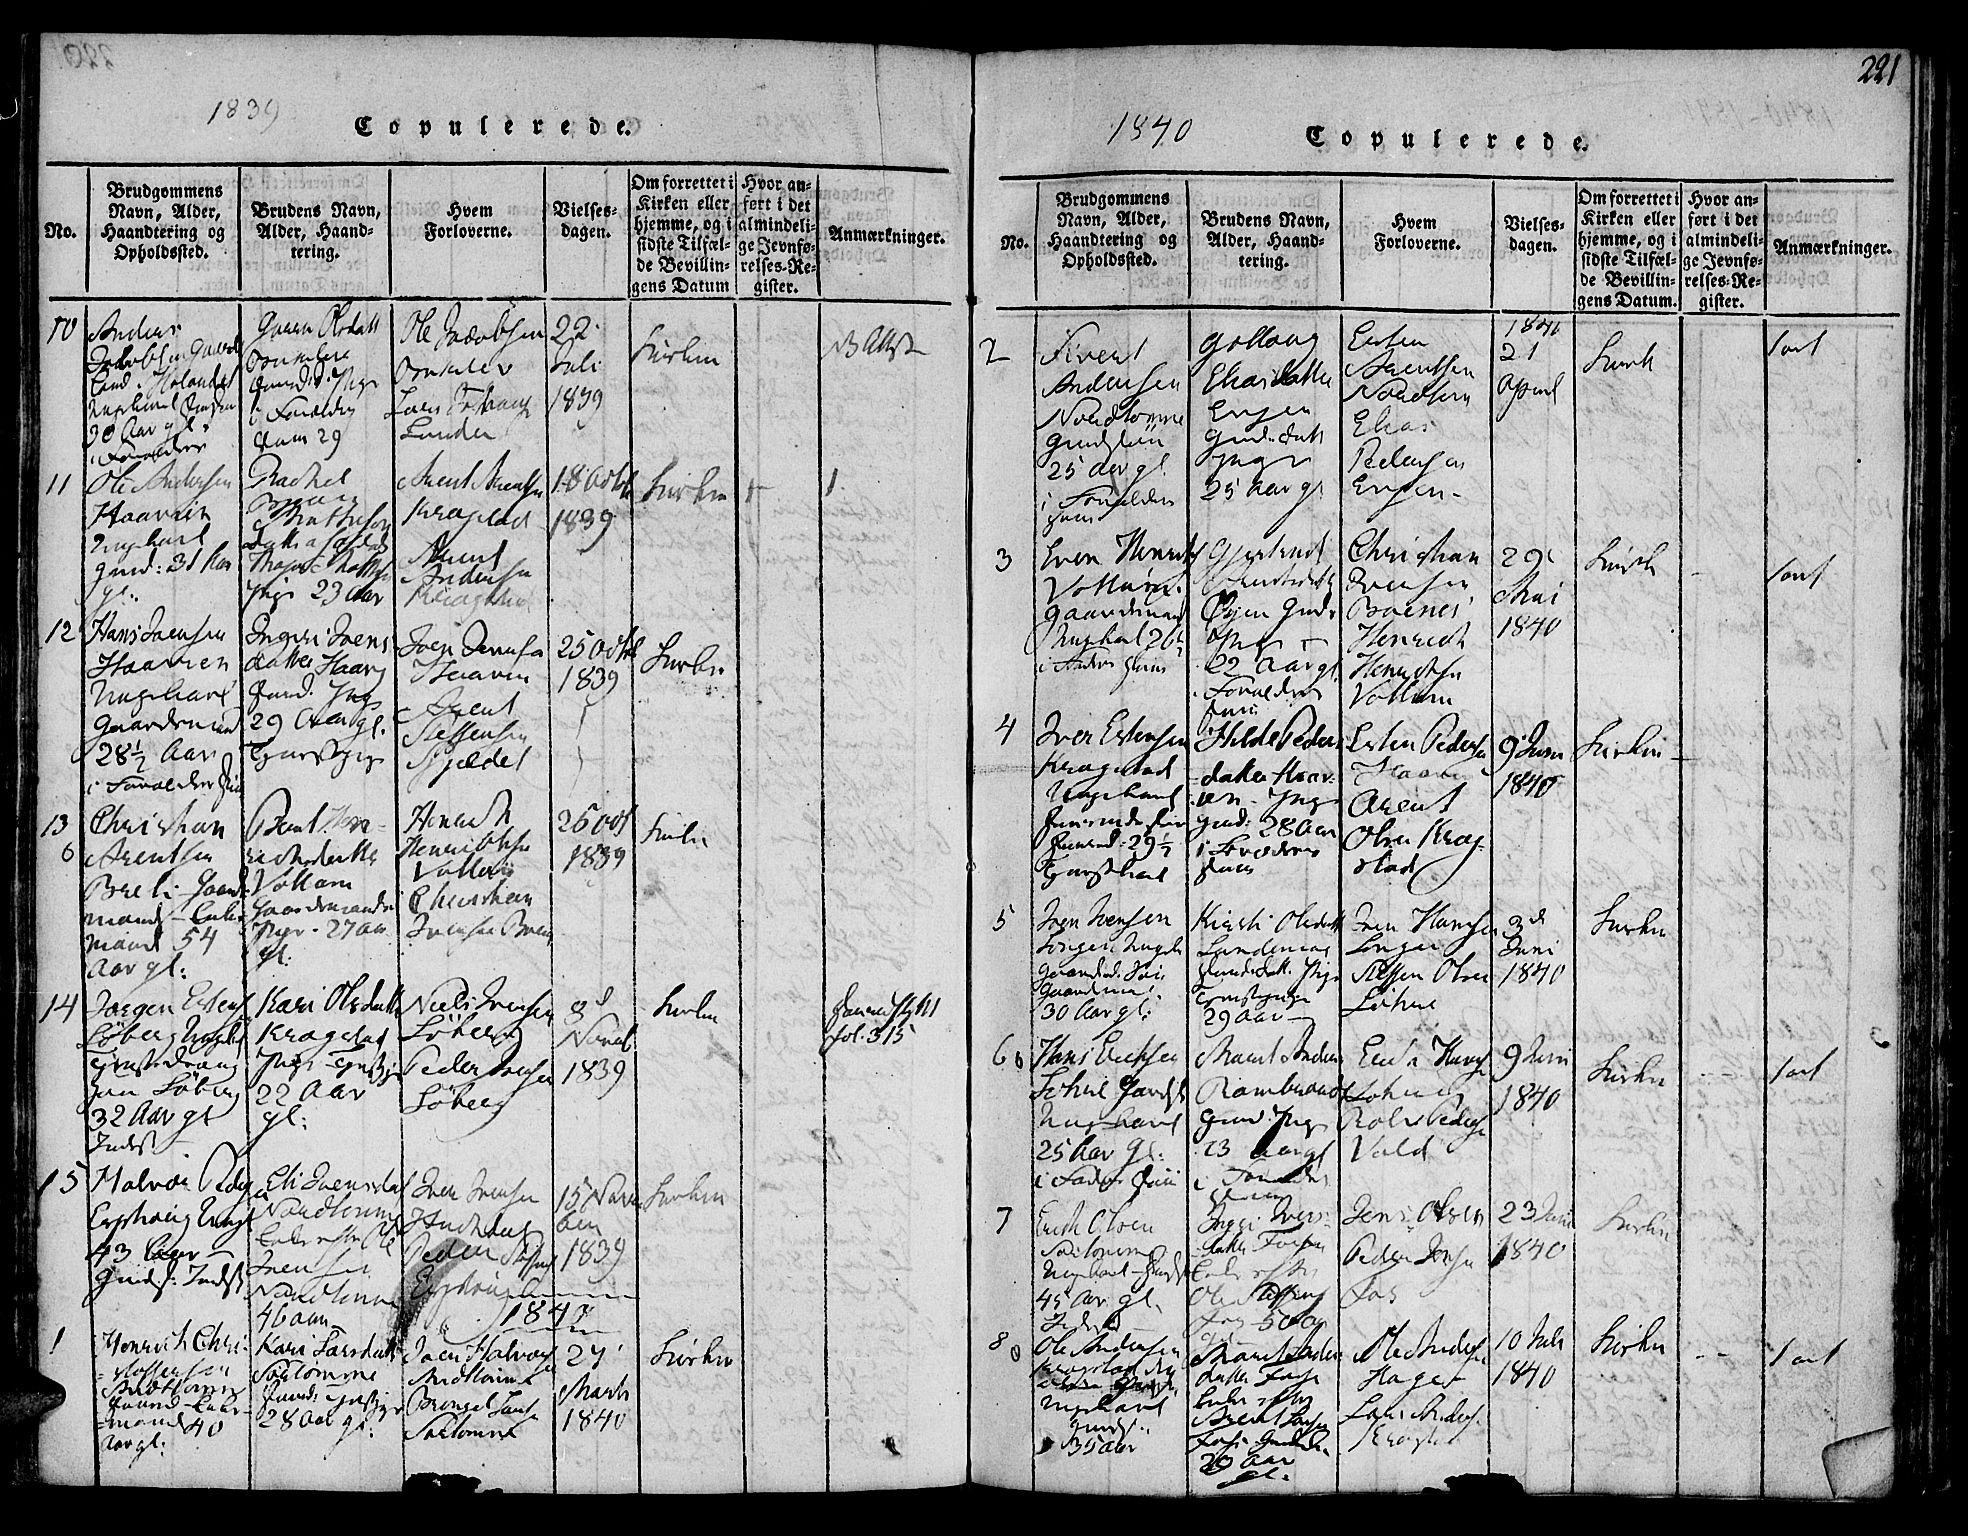 SAT, Ministerialprotokoller, klokkerbøker og fødselsregistre - Sør-Trøndelag, 692/L1102: Ministerialbok nr. 692A02, 1816-1842, s. 221